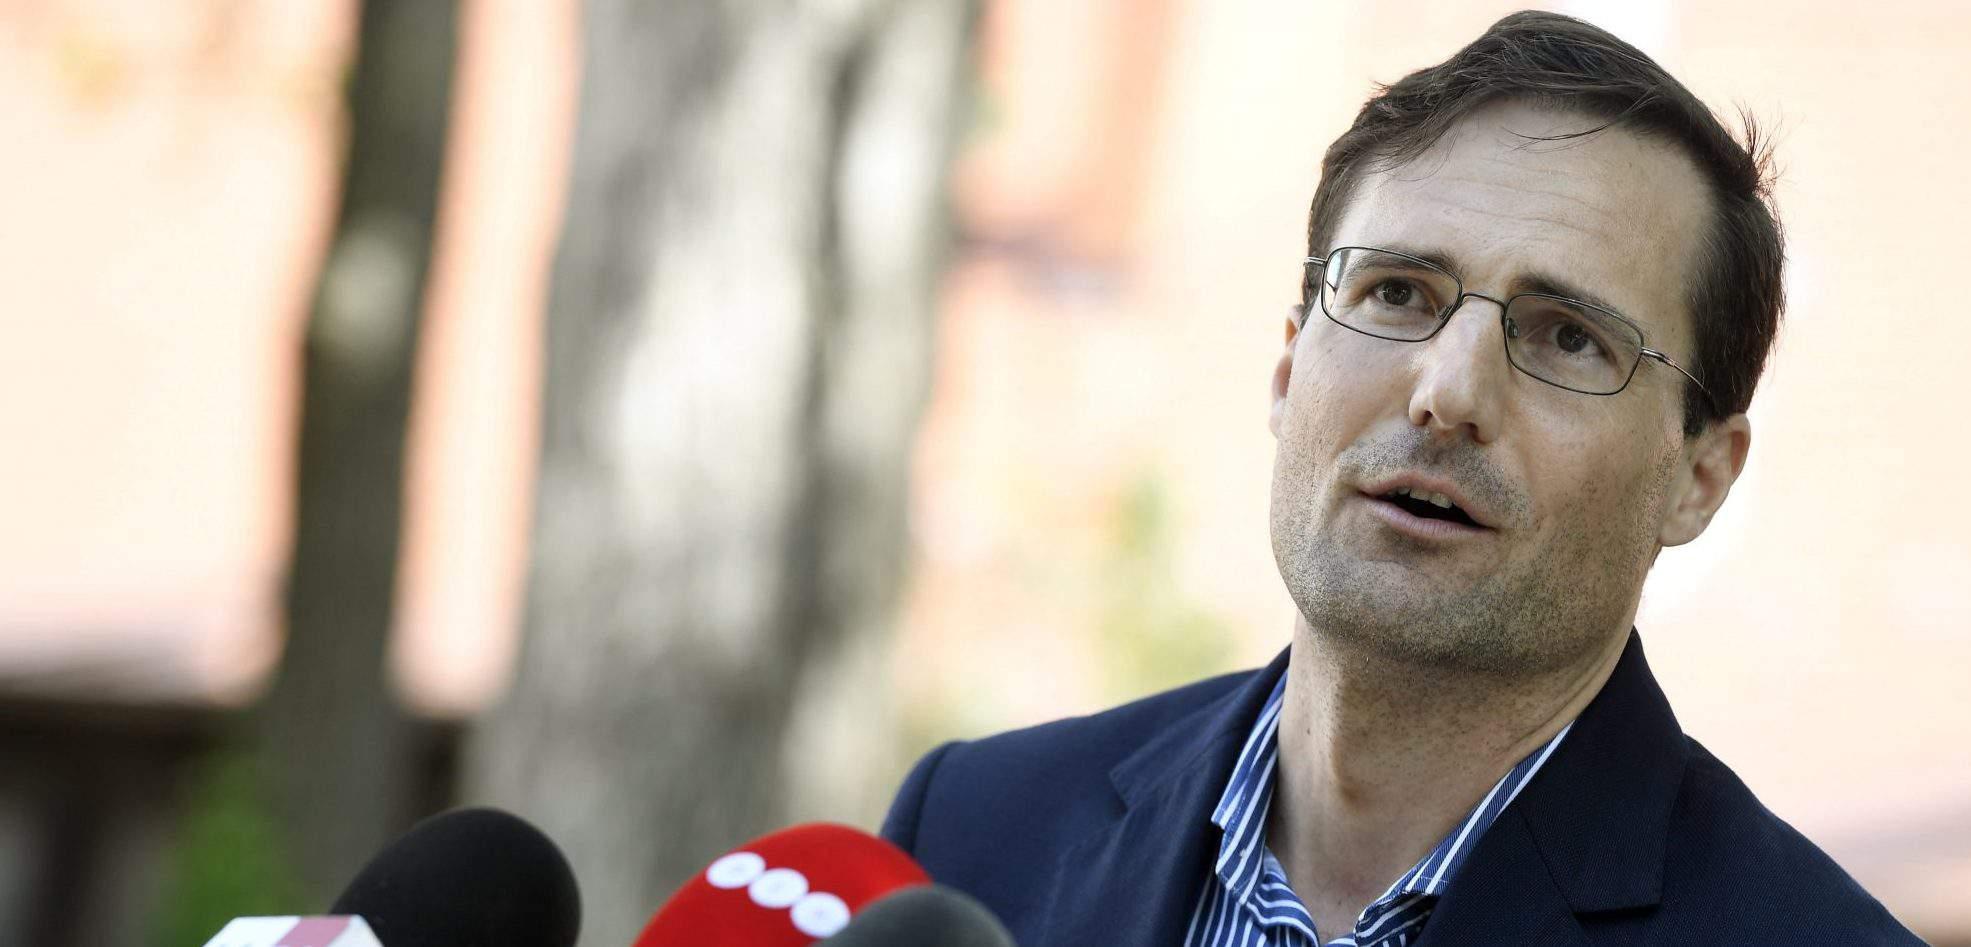 Gyöngyösi Jobbik Parliament